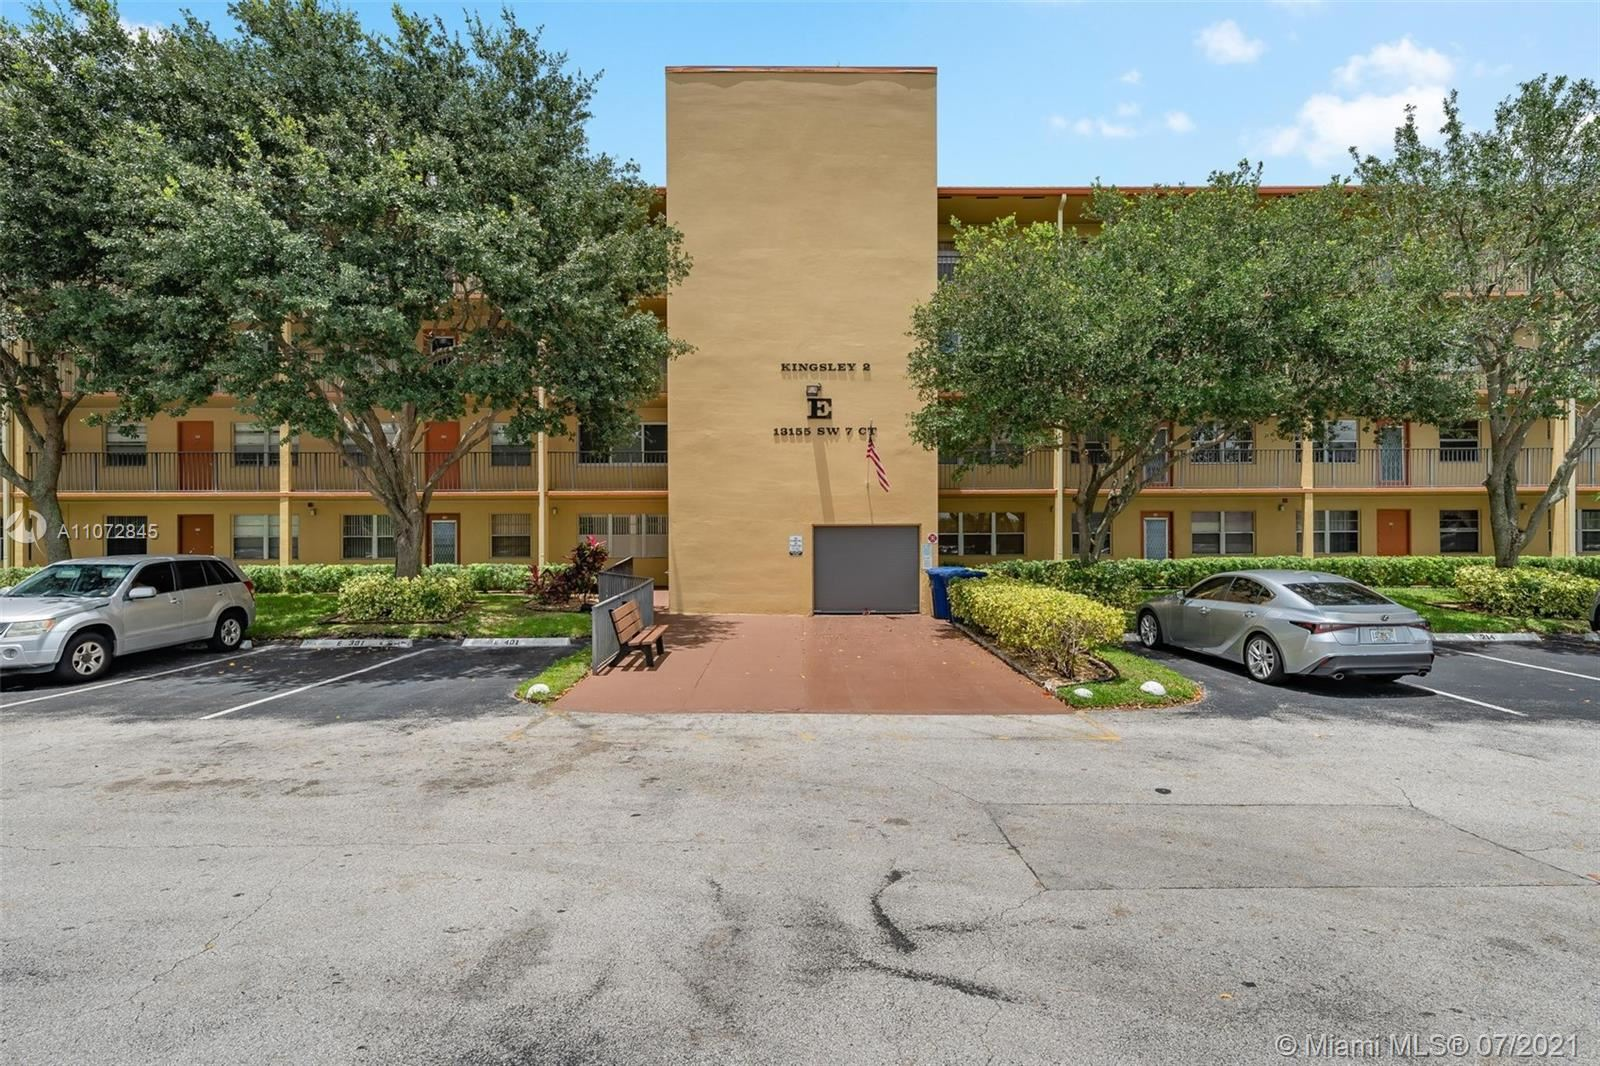 13155 SW 7th Ct #211E, Pembroke Pines, FL 33027 - #: A11072845